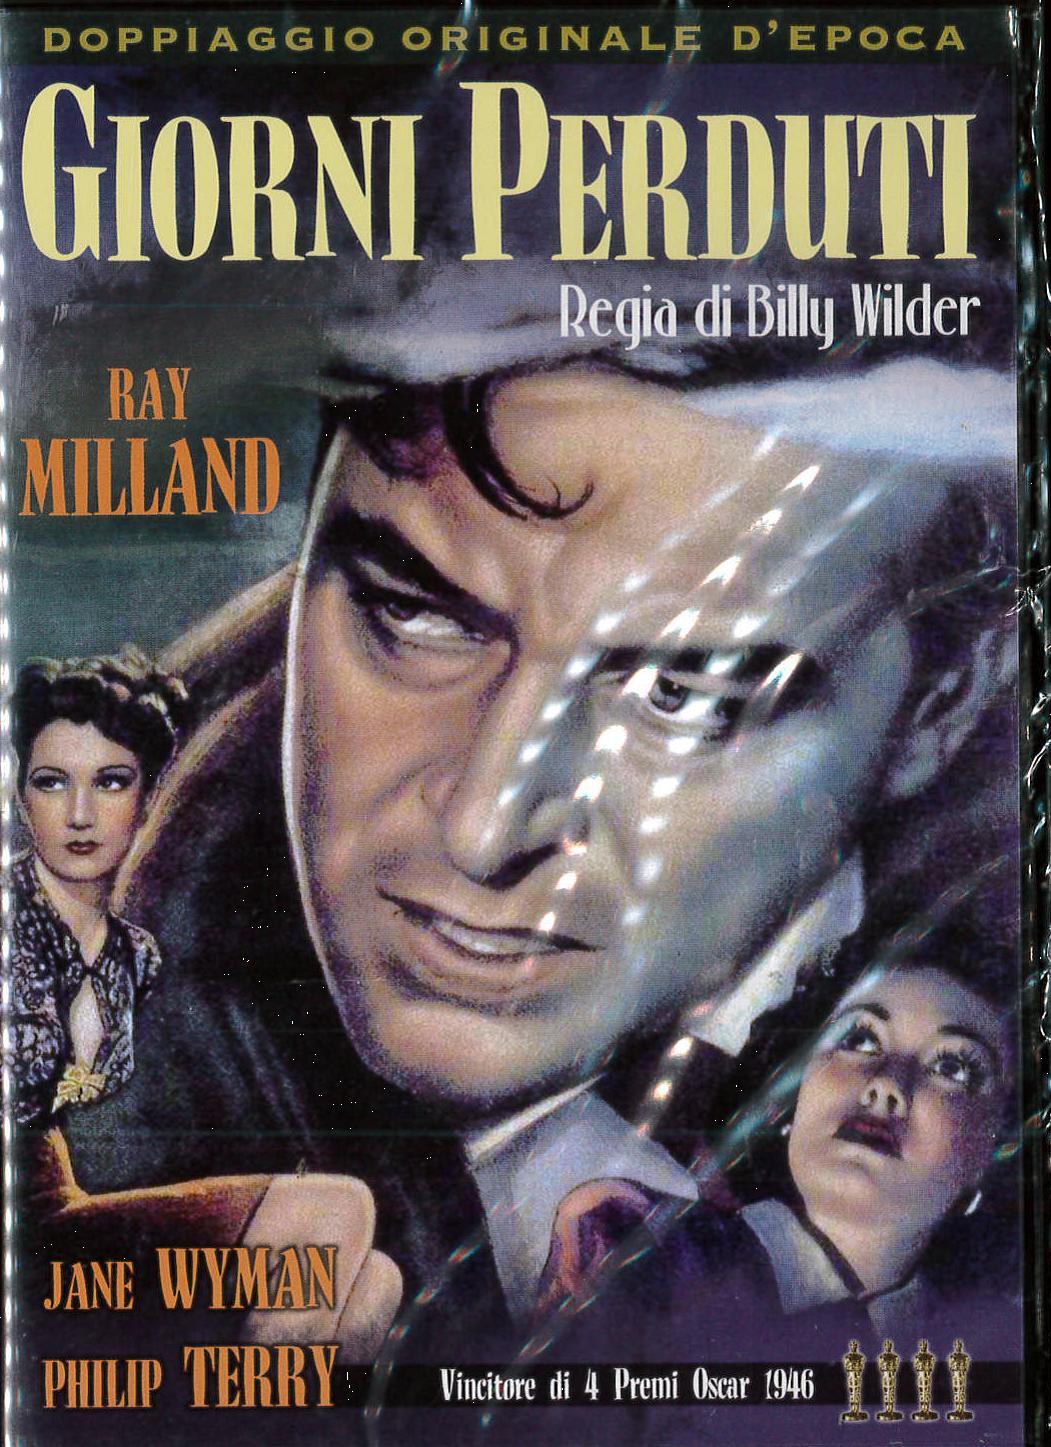 GIORNI PERDUTI (DVD)